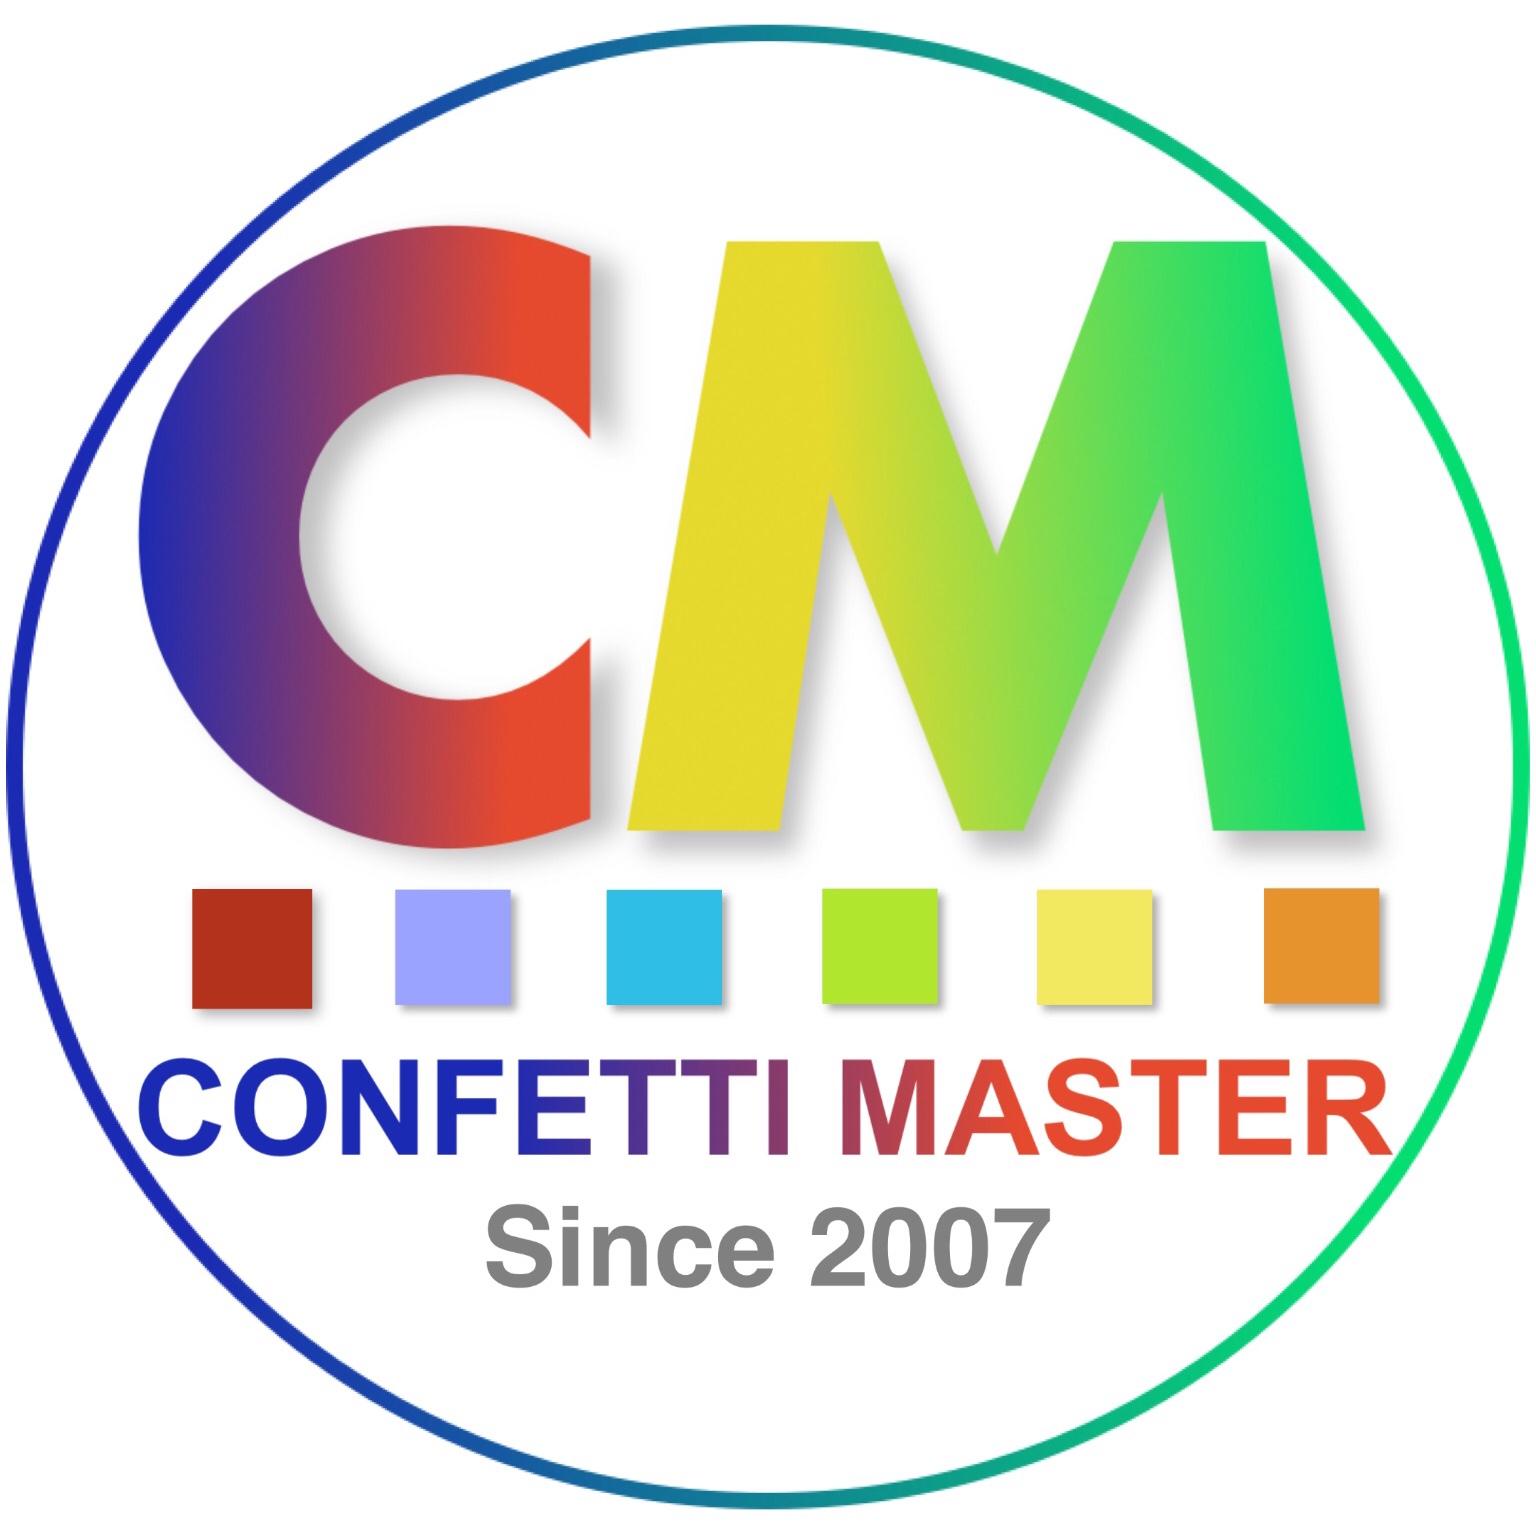 Confetti Master